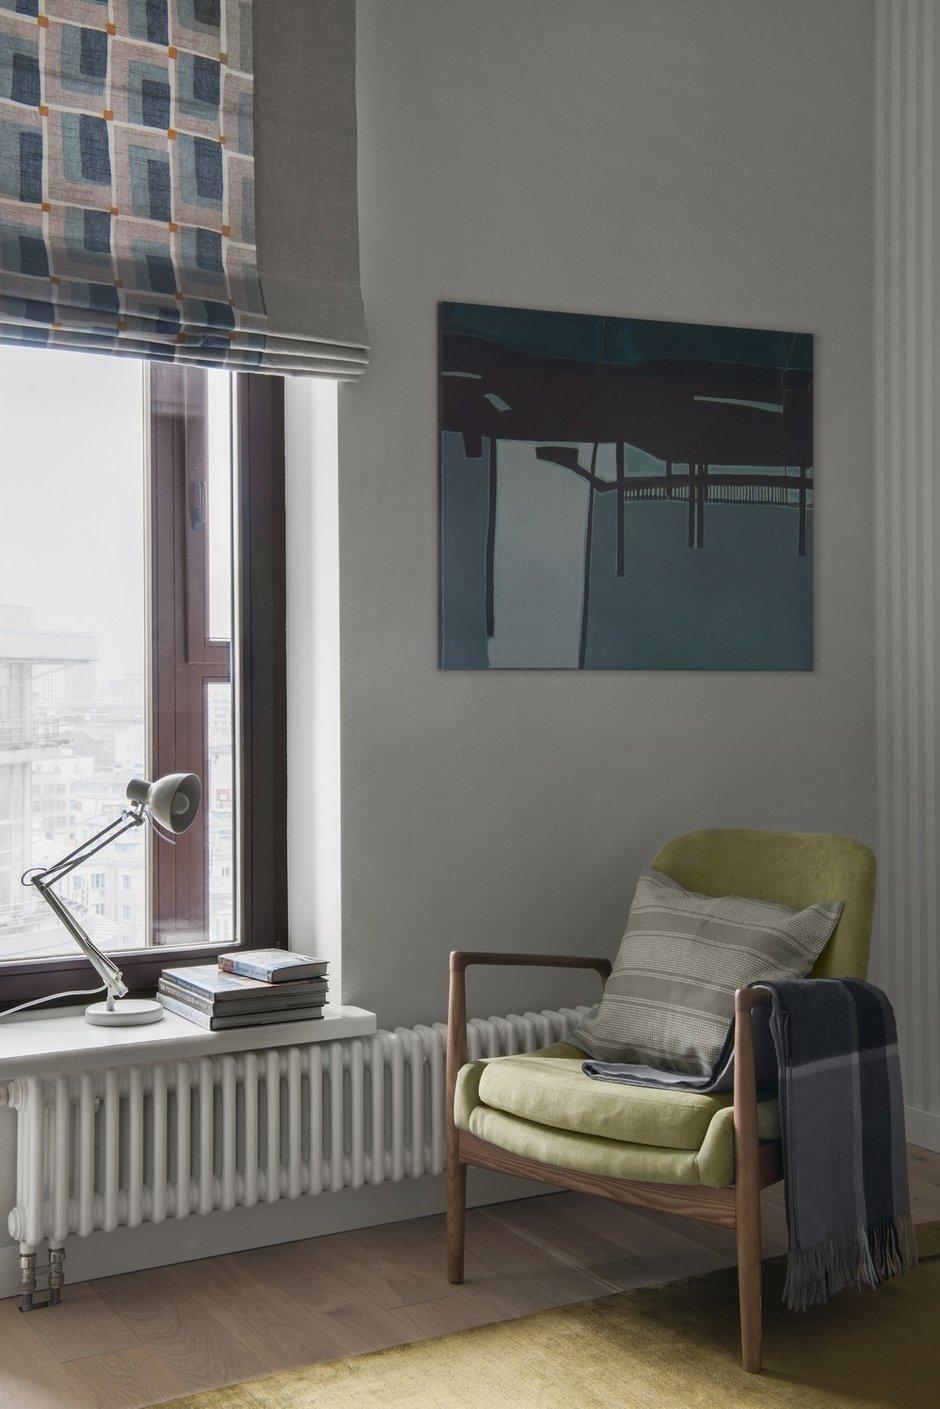 Фотография: Спальня в стиле Скандинавский, Квартира, Проект недели, Москва, Инна Величко, Монолитный дом, 3 комнаты, 60-90 метров, ПРЕМИЯ INMYROOM – фото на INMYROOM